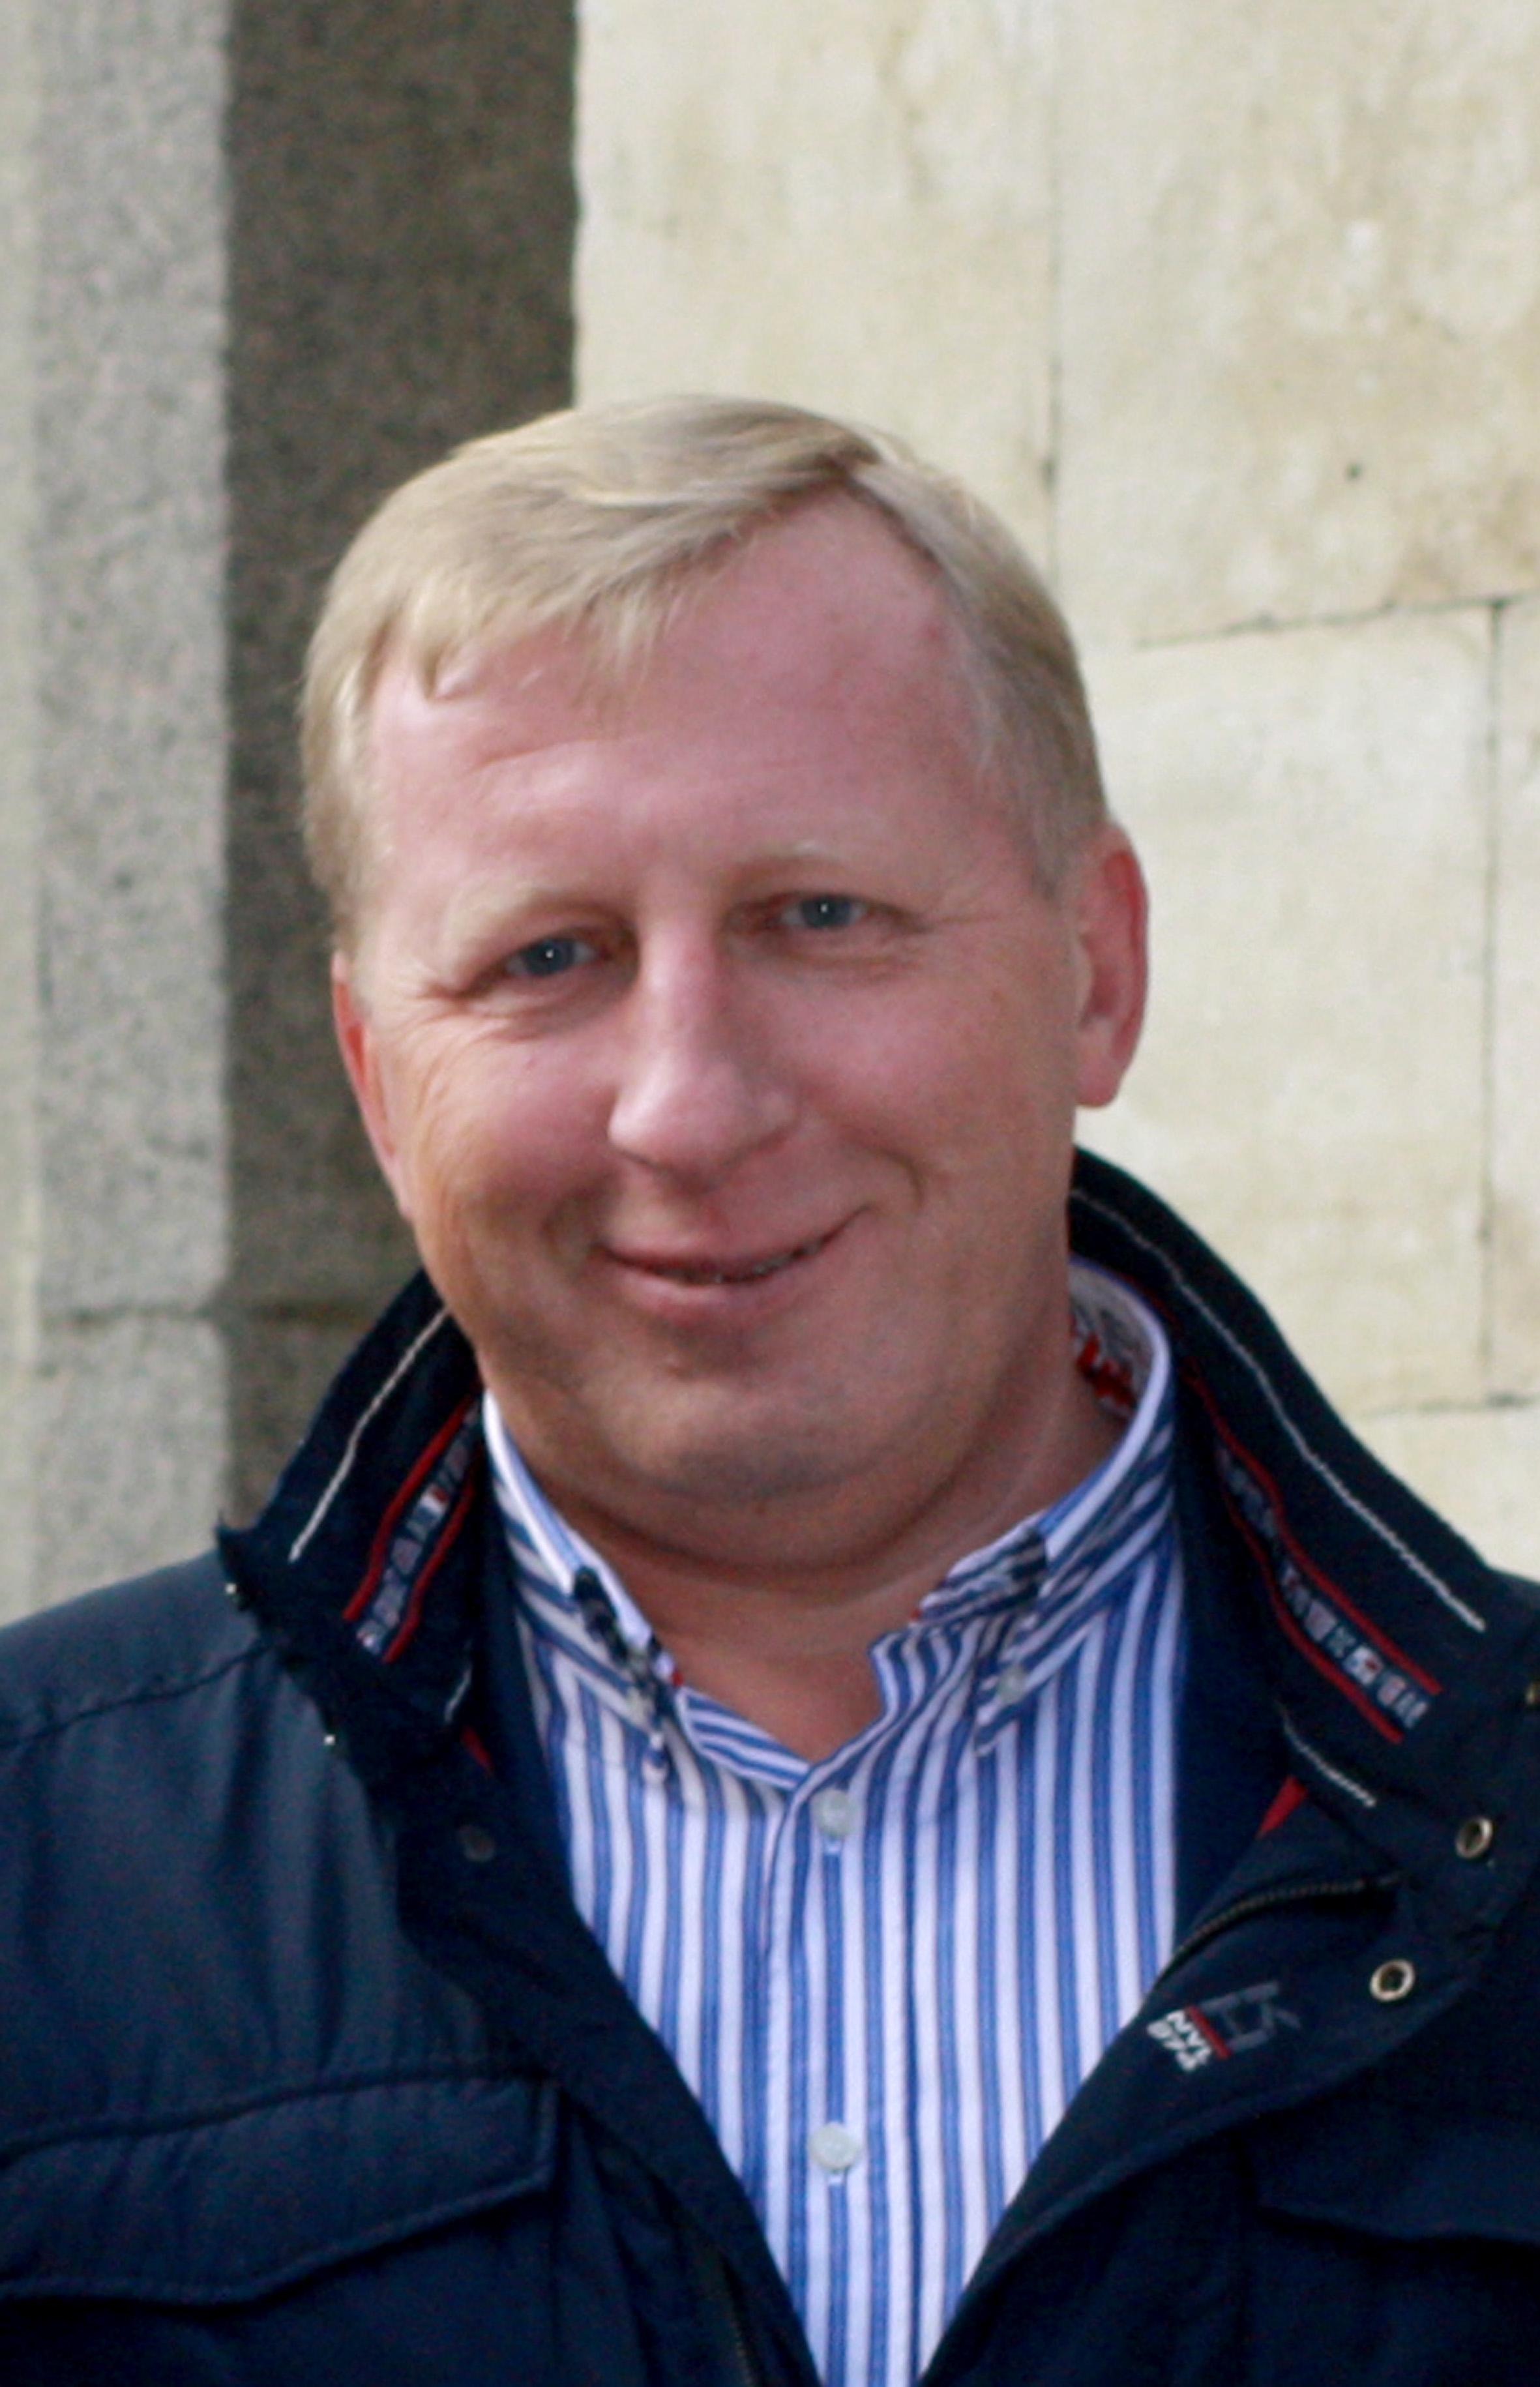 Koprova Bogankov 2013